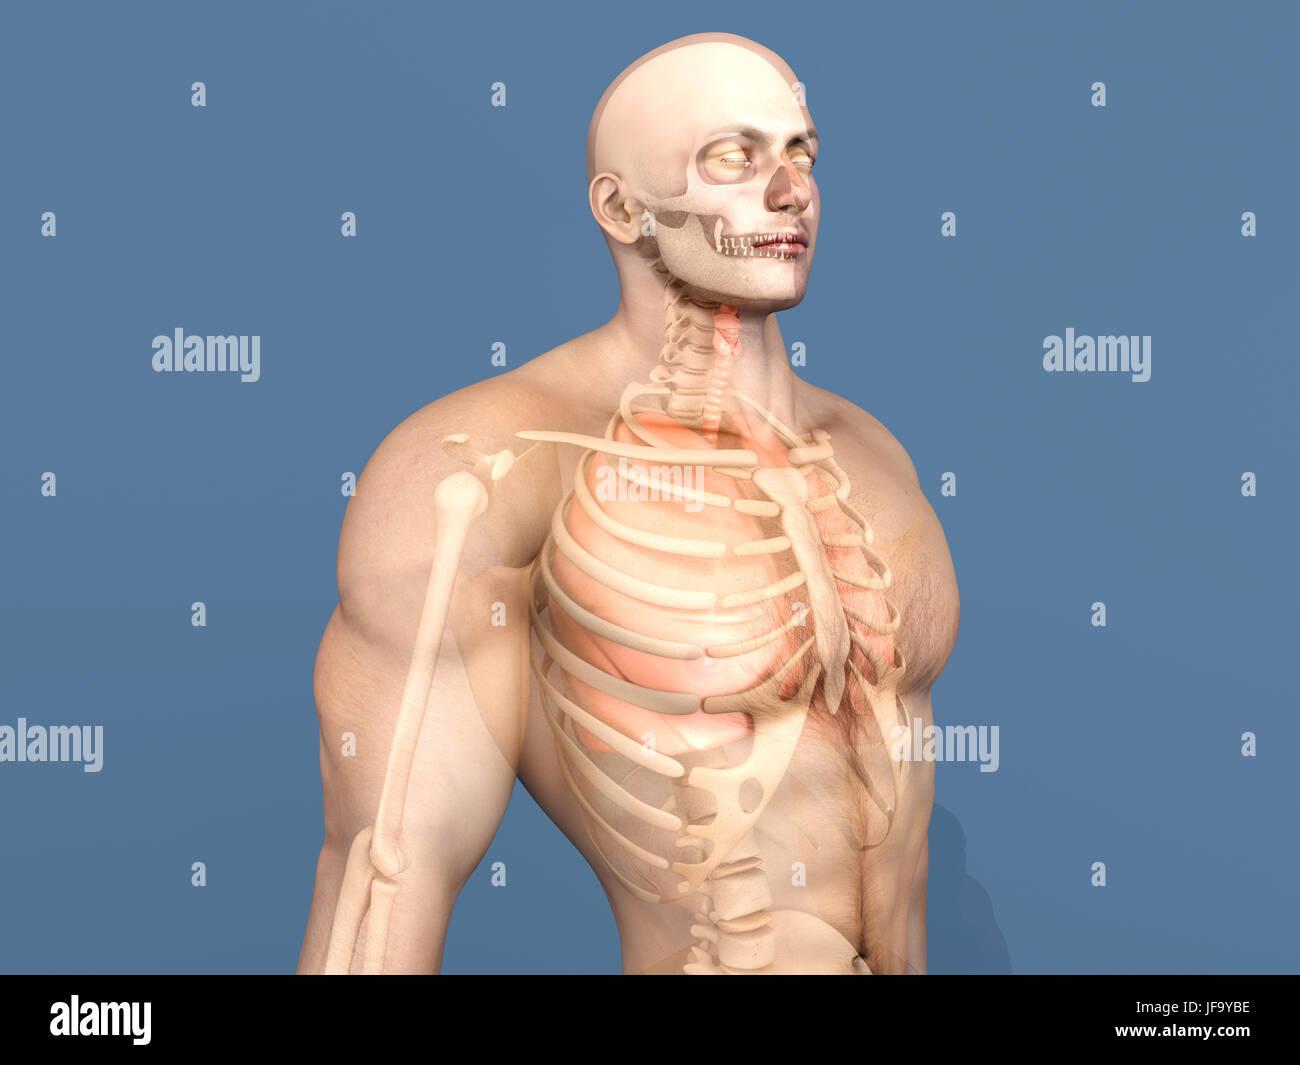 Gemütlich Anatomie Homeschool Lehrplan Ideen - Menschliche Anatomie ...